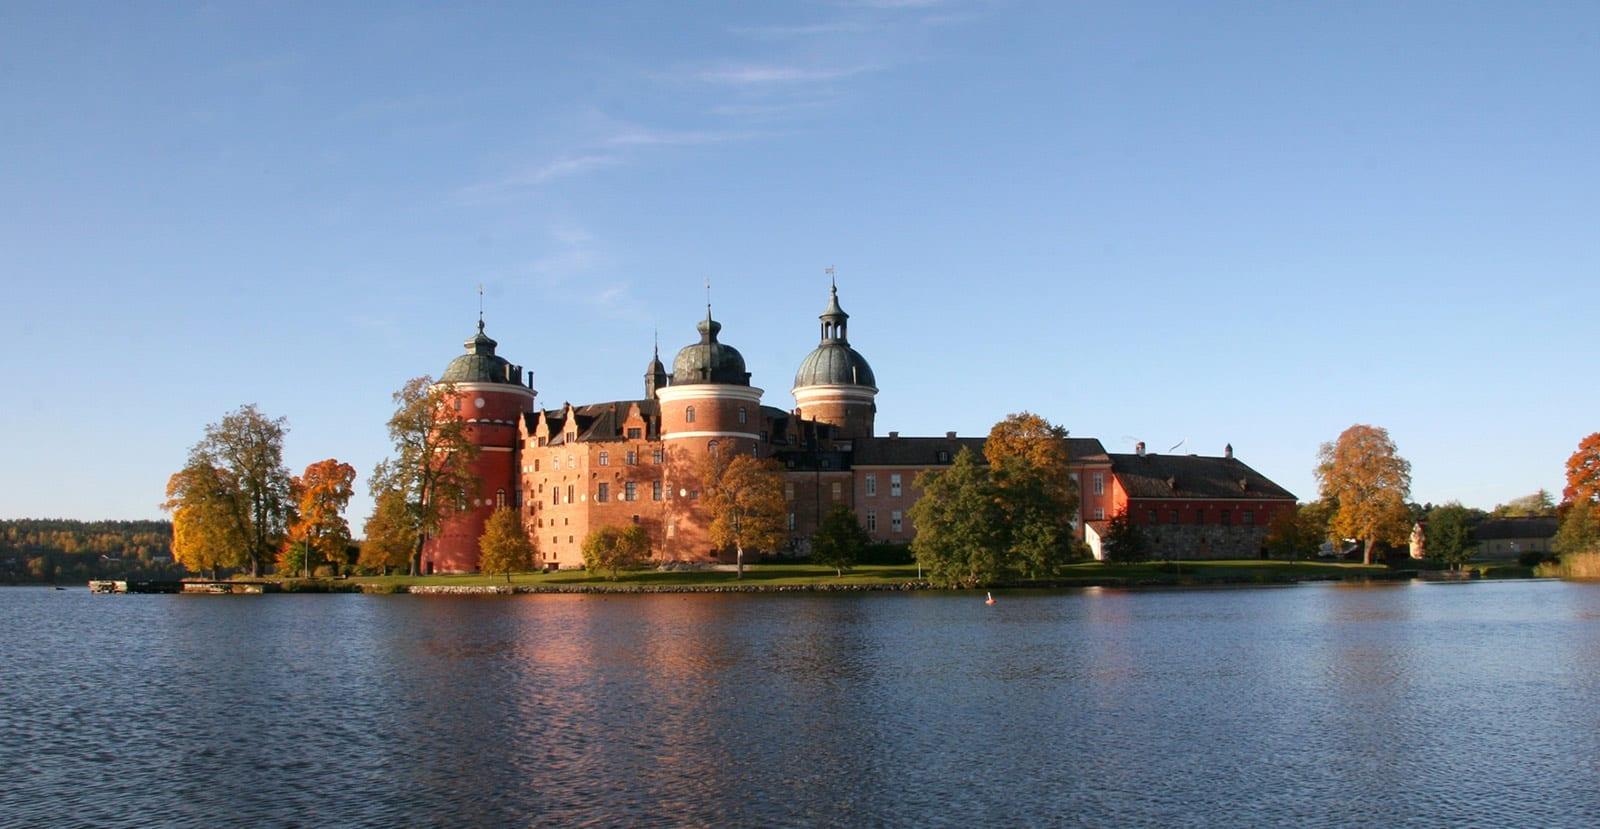 Mariefred och Gripsholms Slotts historia